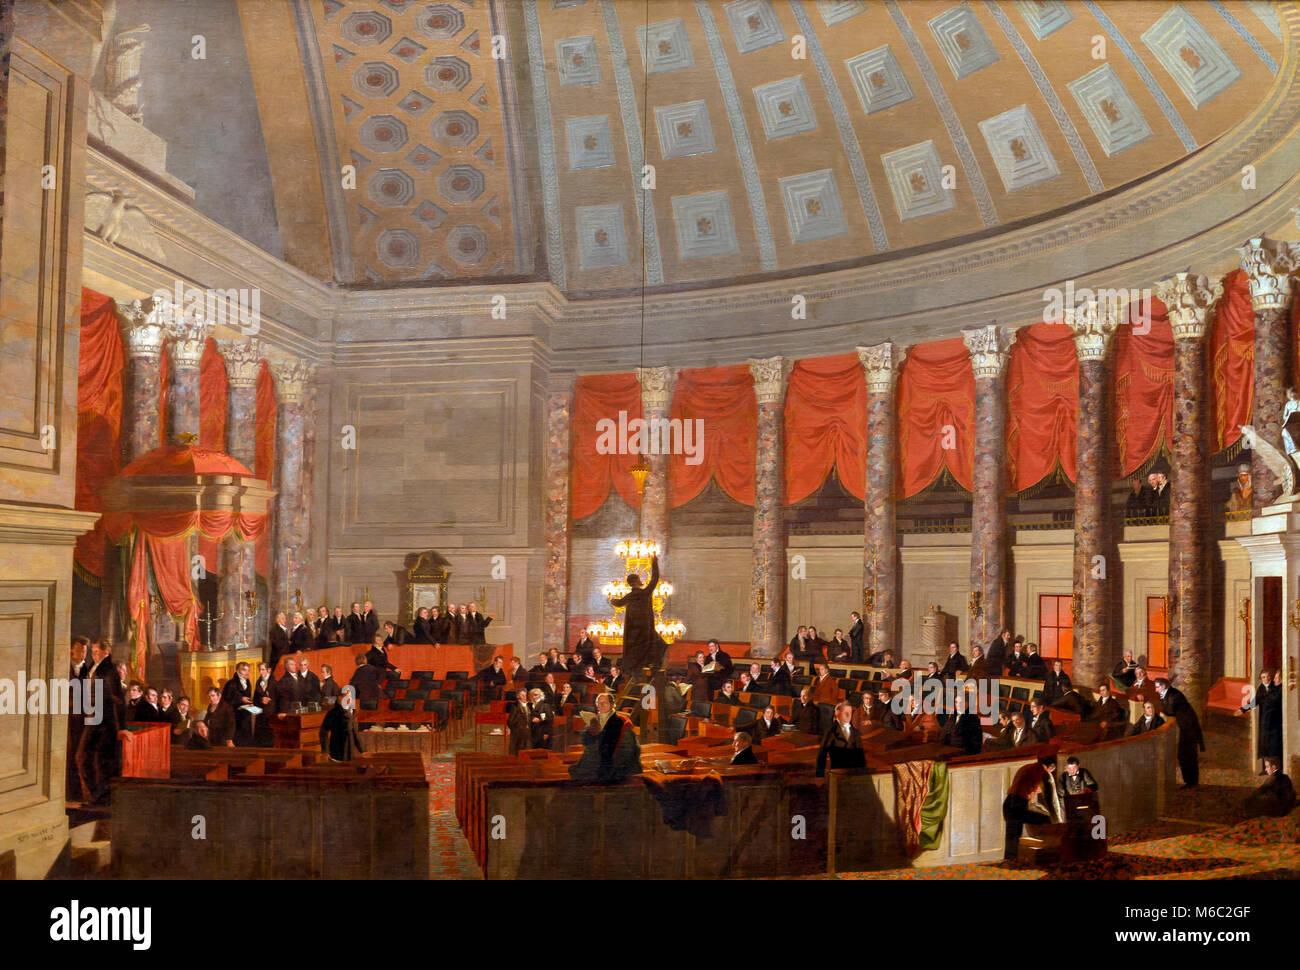 La Chambre des Représentants, Samuel Finley Breese Morse, 1822, National Gallery of Art, Washington DC, USA, Amérique du Nord Banque D'Images